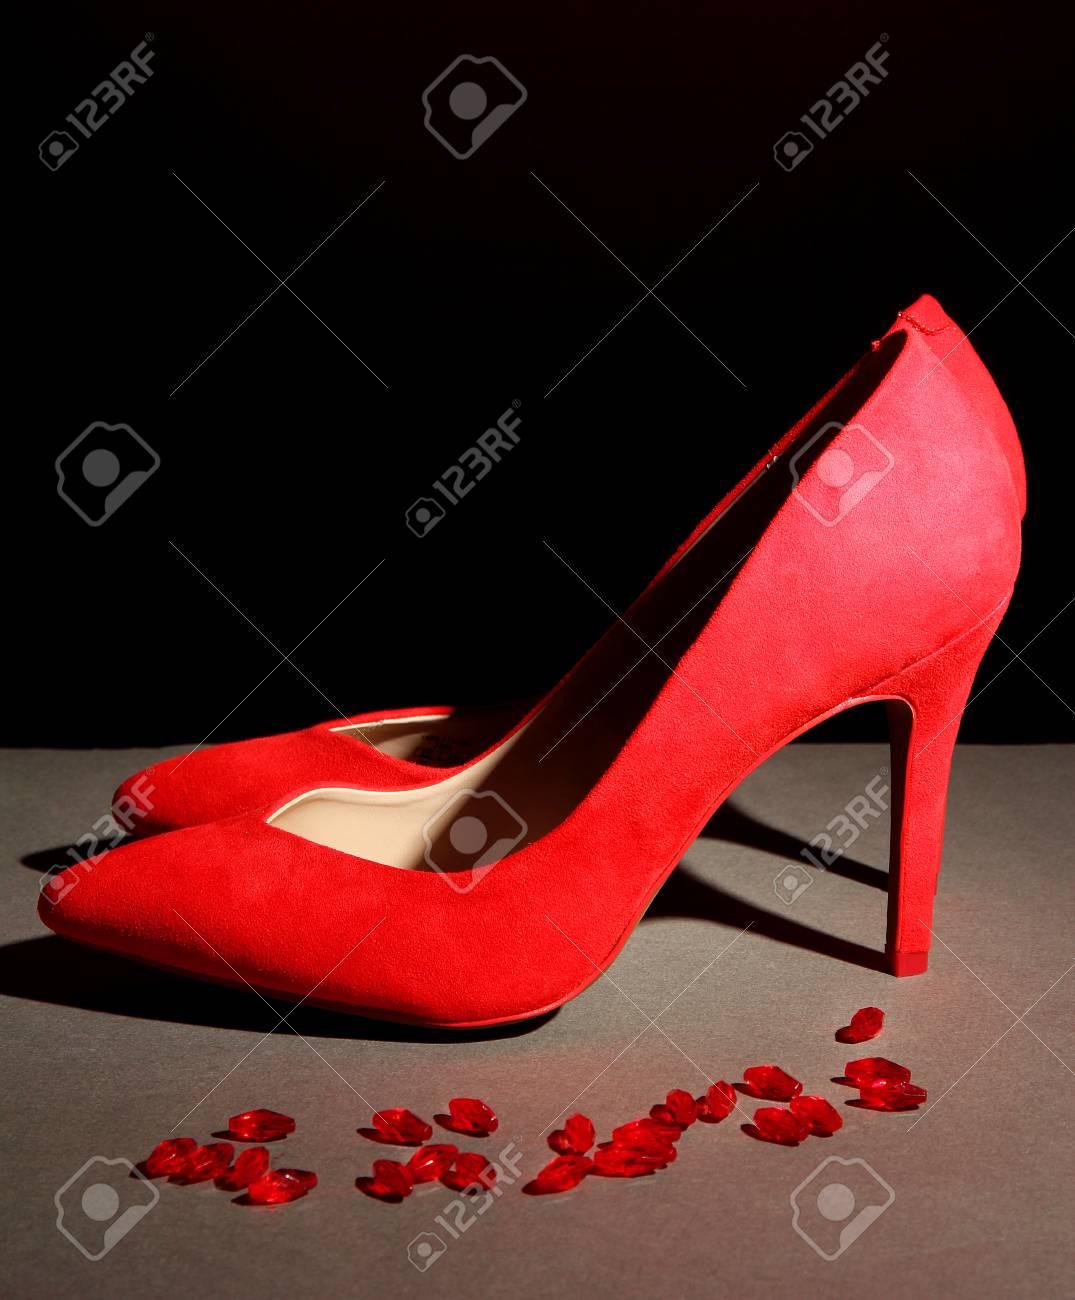 Femmes Noir Chaussures RougesSur Fond Belles OXkZiulwPT